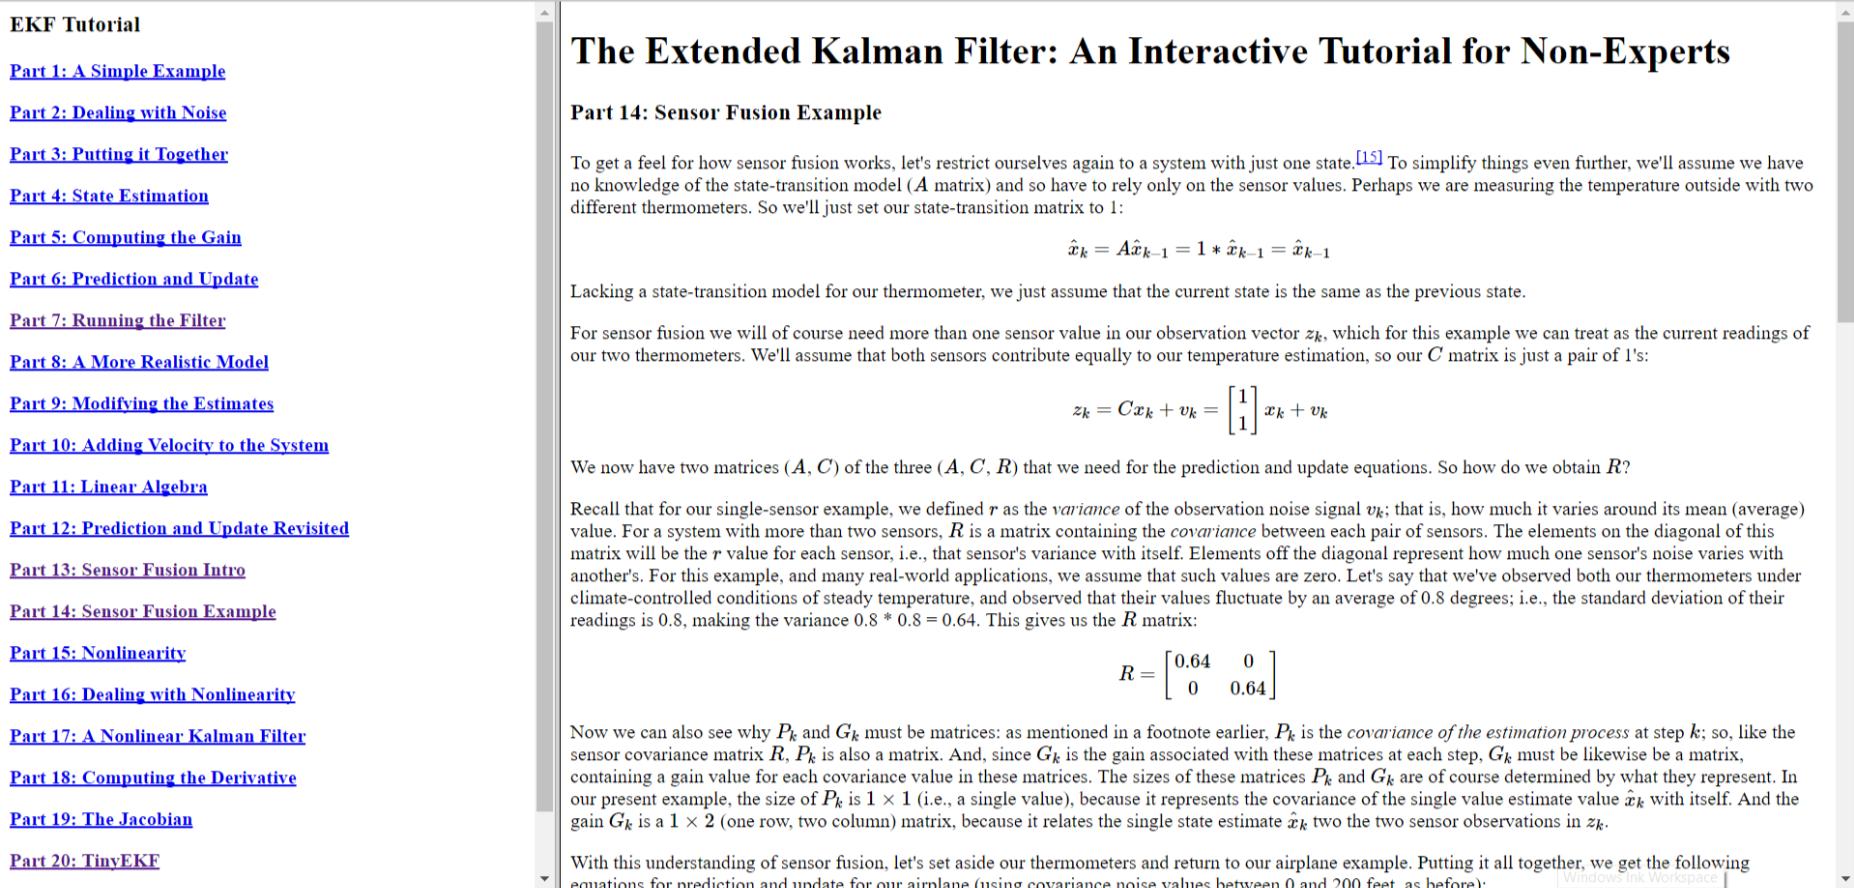 The Extended Kalman Filter: An Interactive Tutorial for Non